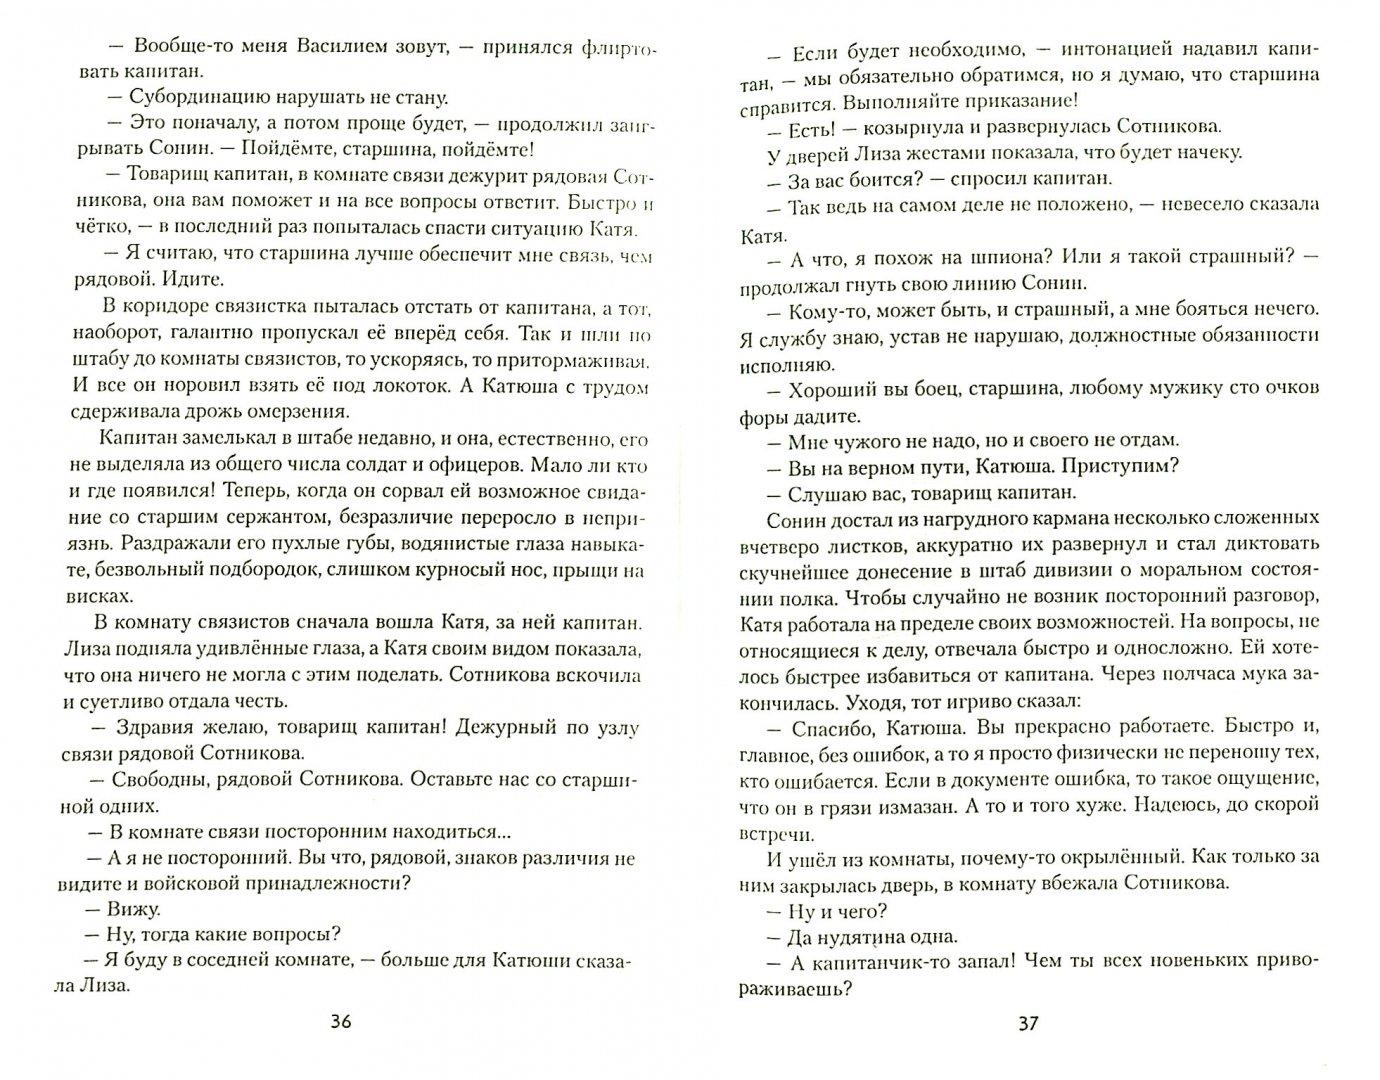 Иллюстрация 1 из 8 для Ход конем - Андрей Батуханов | Лабиринт - книги. Источник: Лабиринт